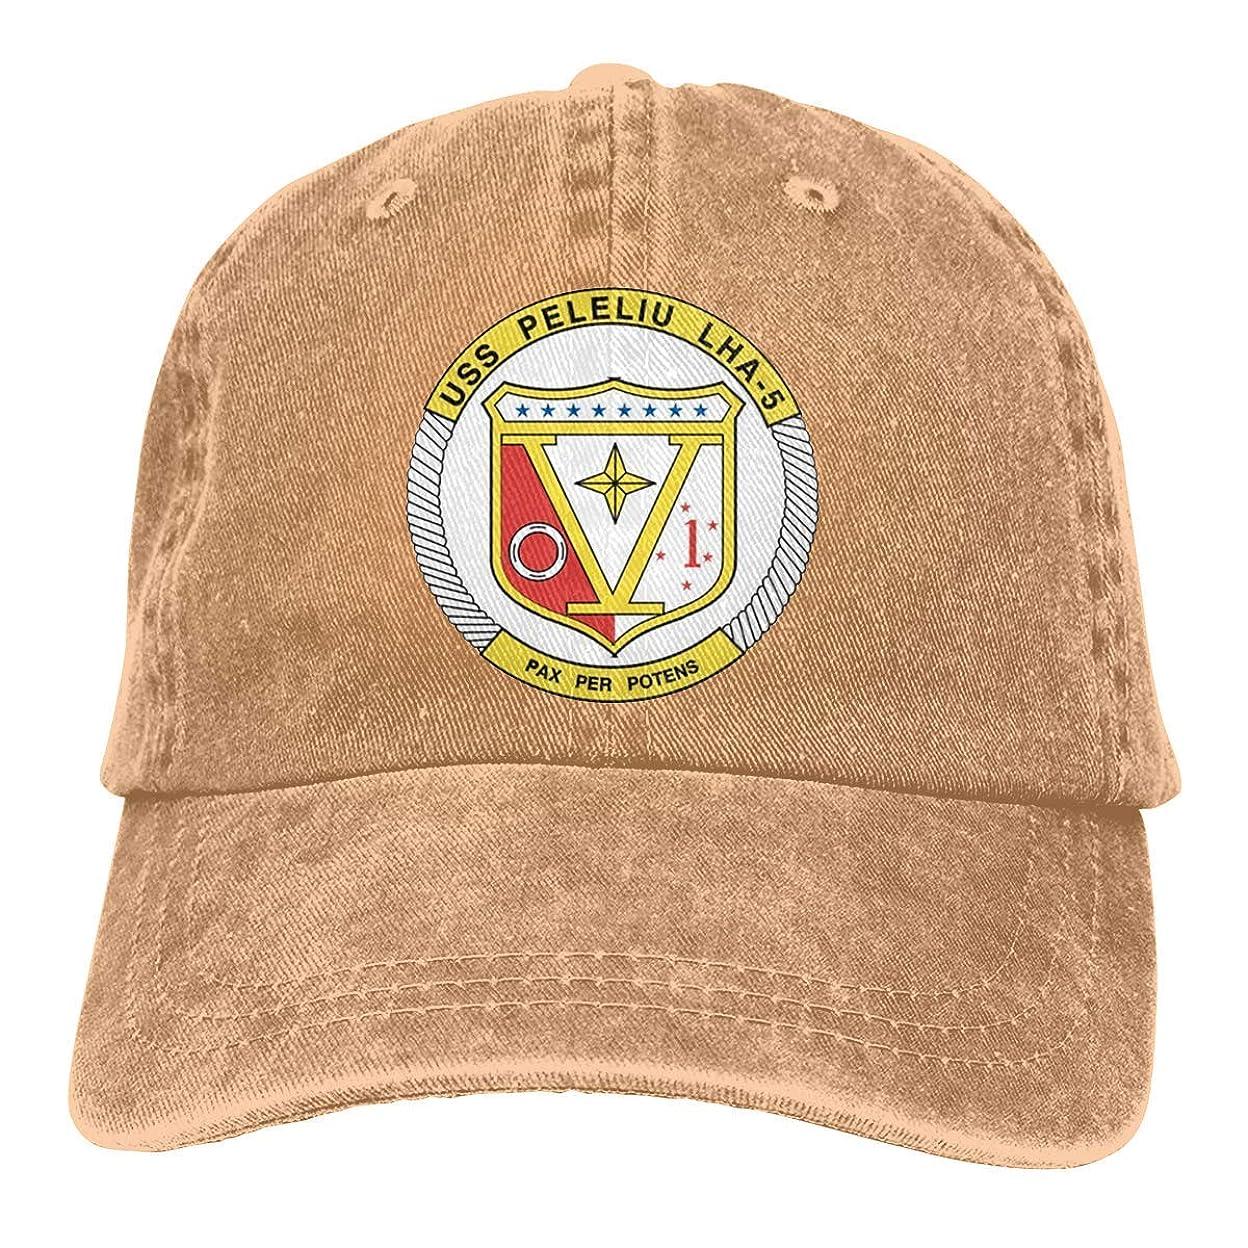 シンボル半円形成男性と女性のための海軍USS Peleliu LHA-5ビニール転送ビンテージ野球帽トラック運転手の帽子